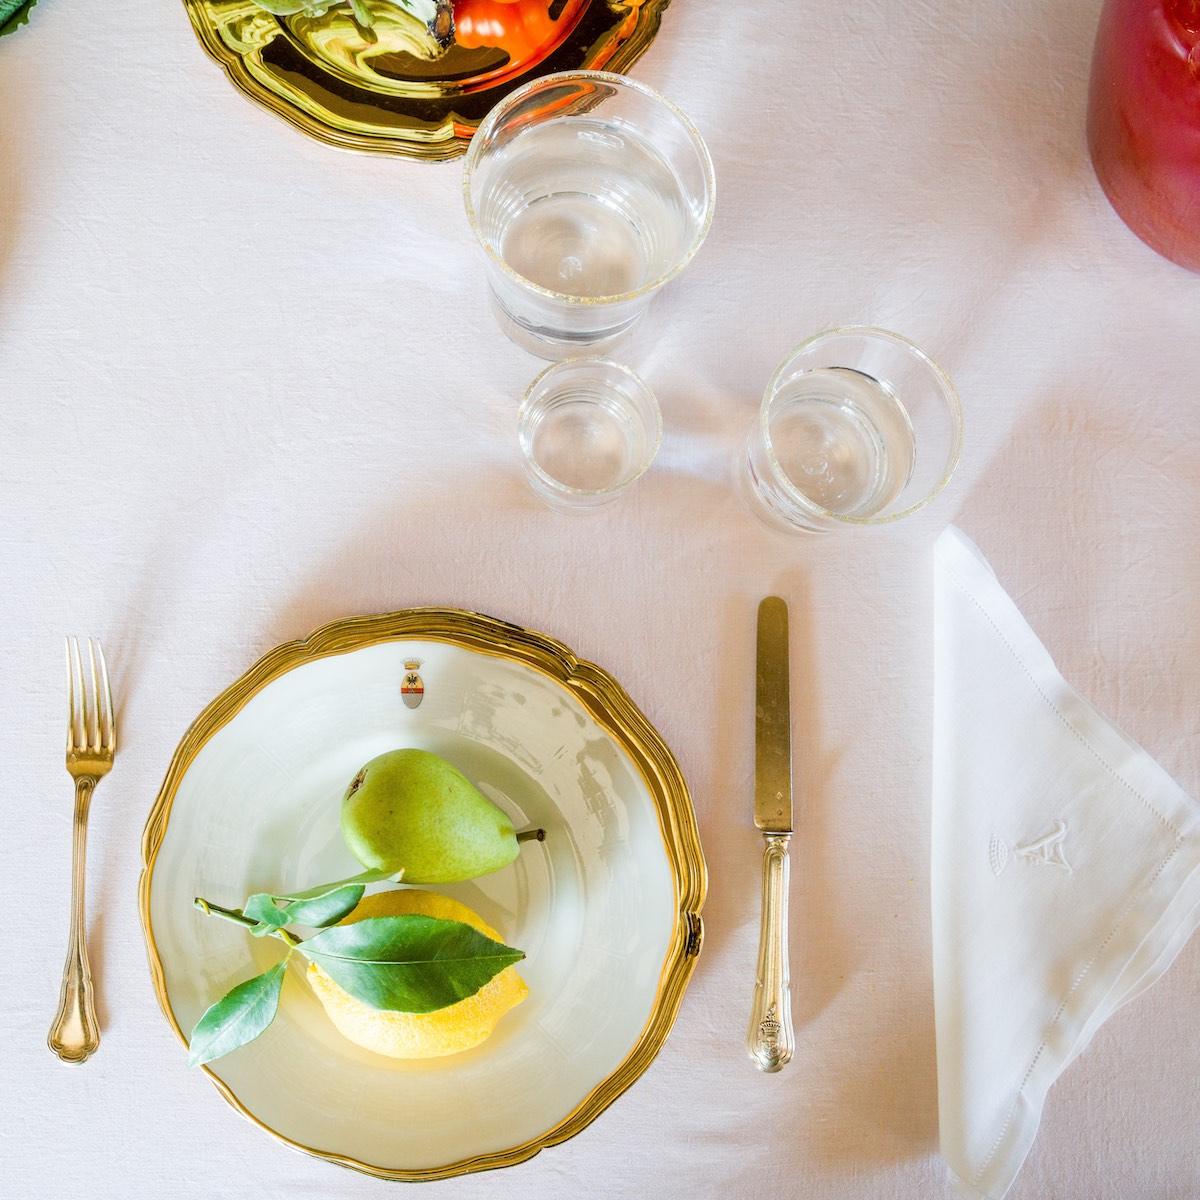 av-crown-glasses-crystal-murano-venice-italian-designer-design-home-decor-luxury